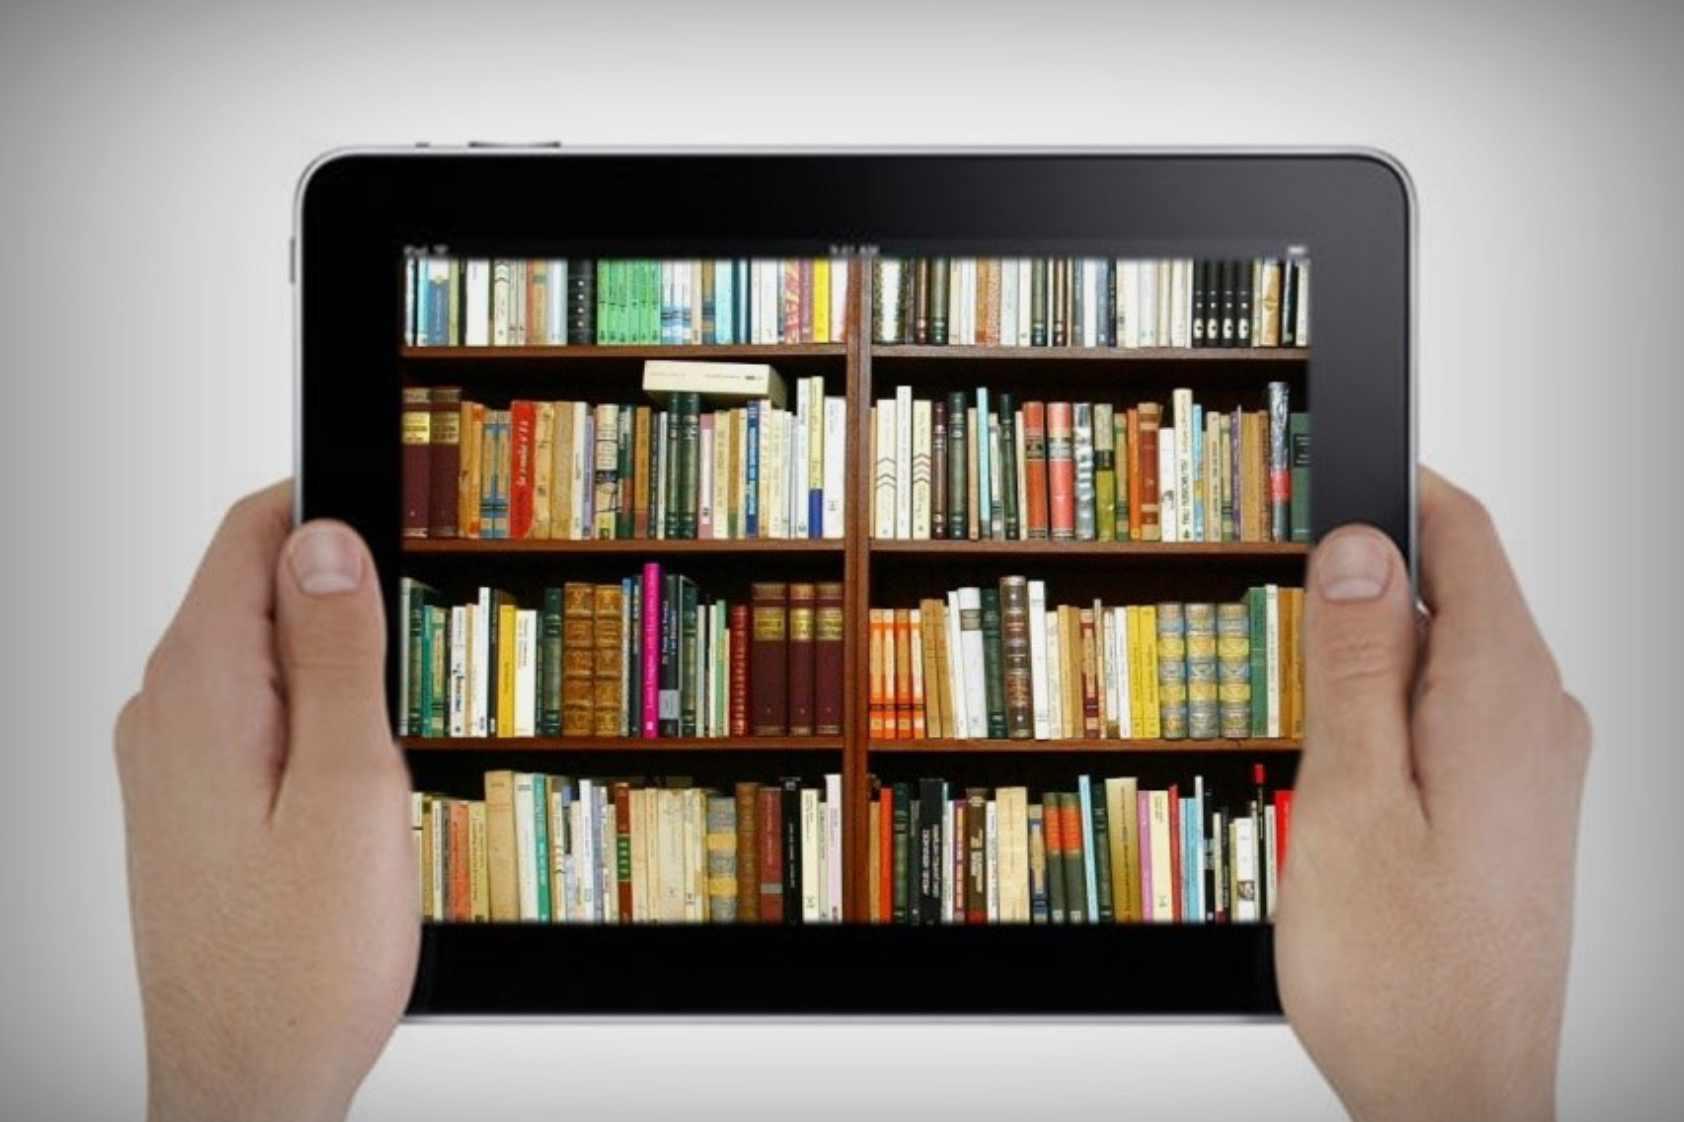 Te recomendamos 7 páginas ideales para descargar libros de forma gratuita